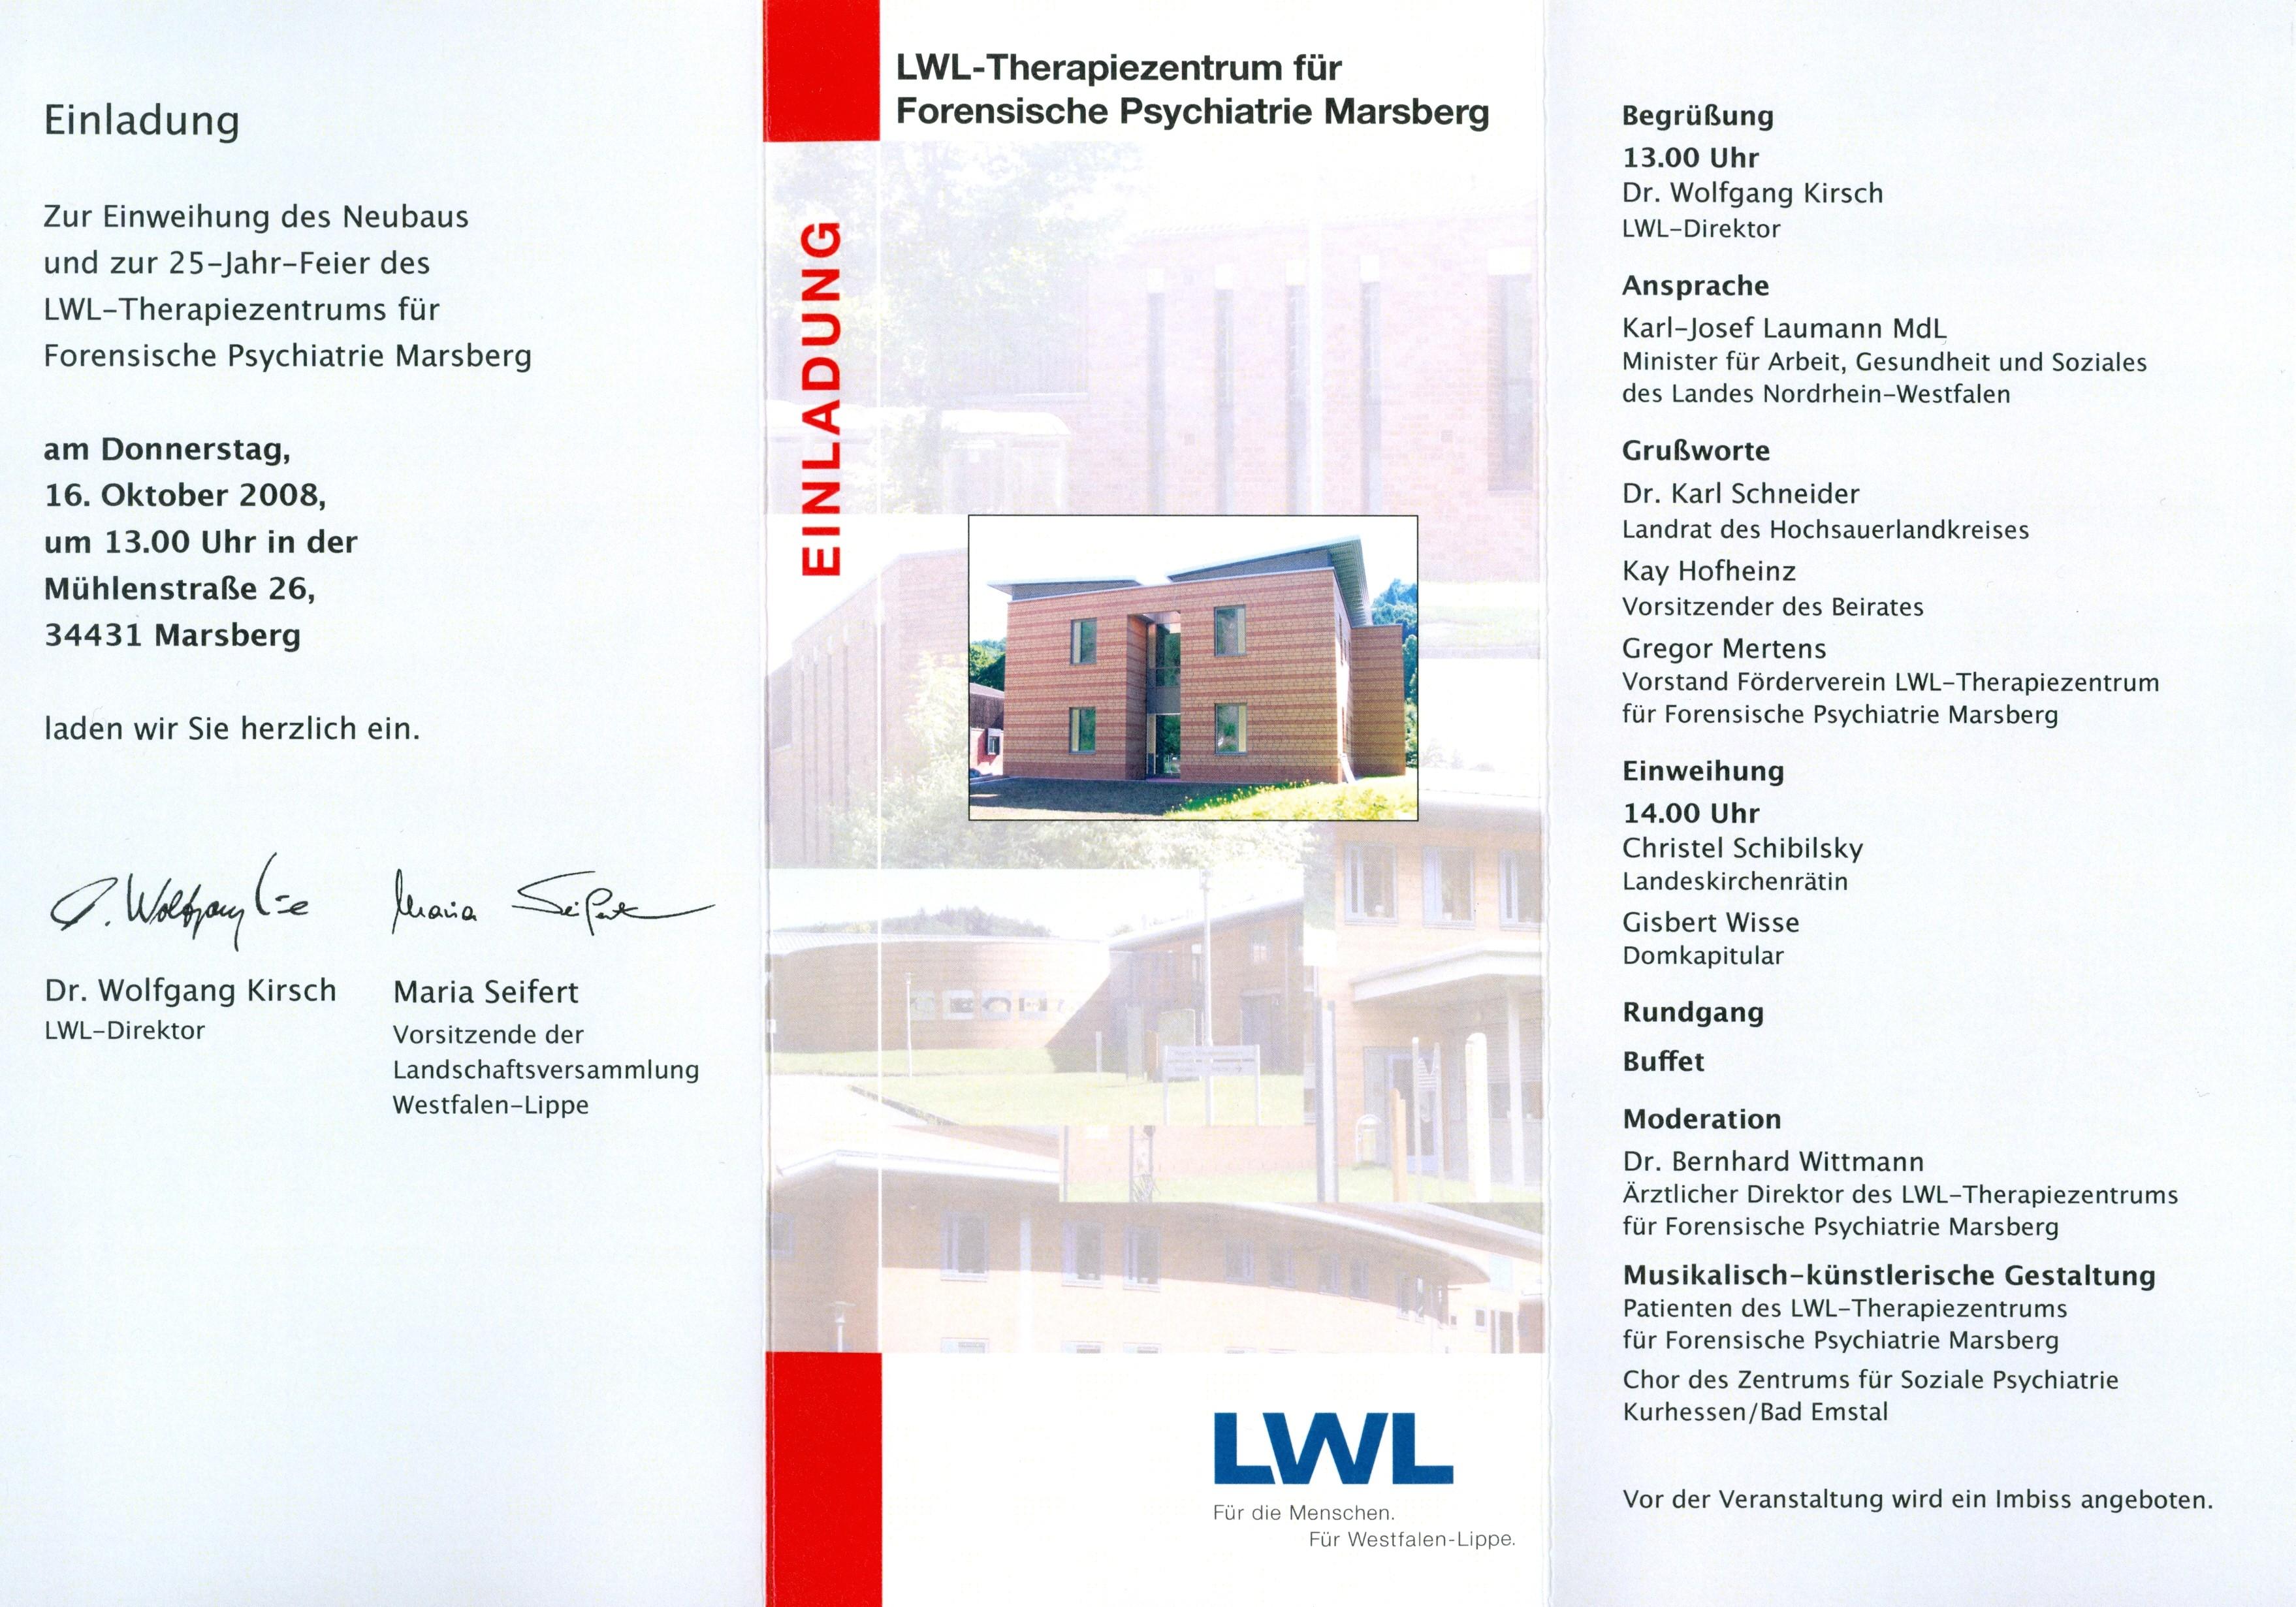 lwl-presse-info - marsberg: presse-einladung - mitteilung 09.10.08, Einladung